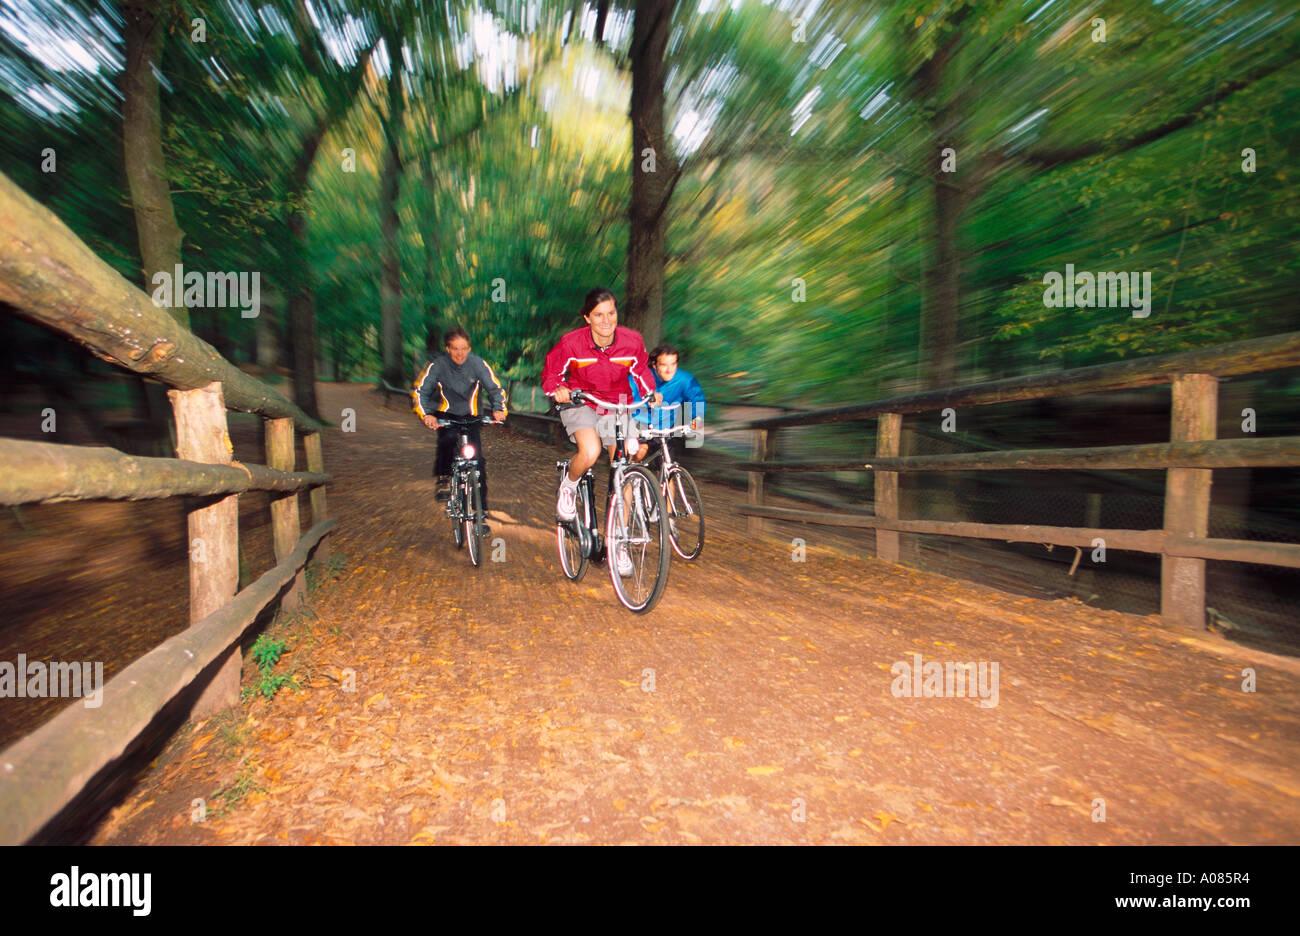 Trekkingbikers in Forest Koeln DEU GERMANY Stock Photo